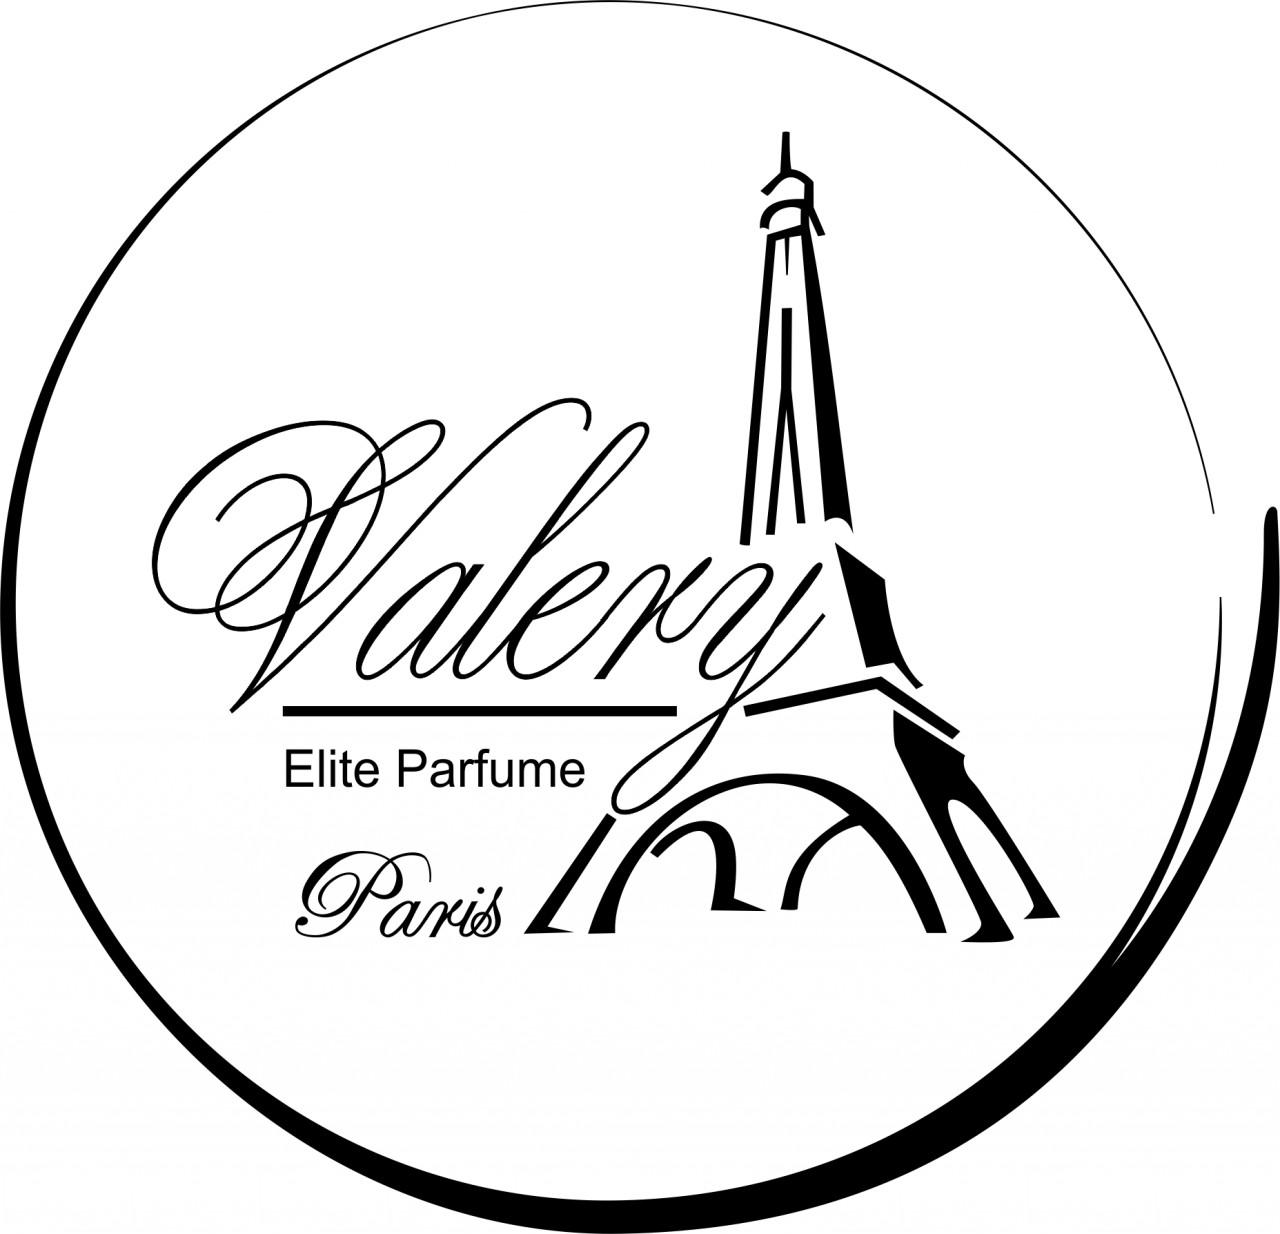 Регистрация в компанию Валери Элит